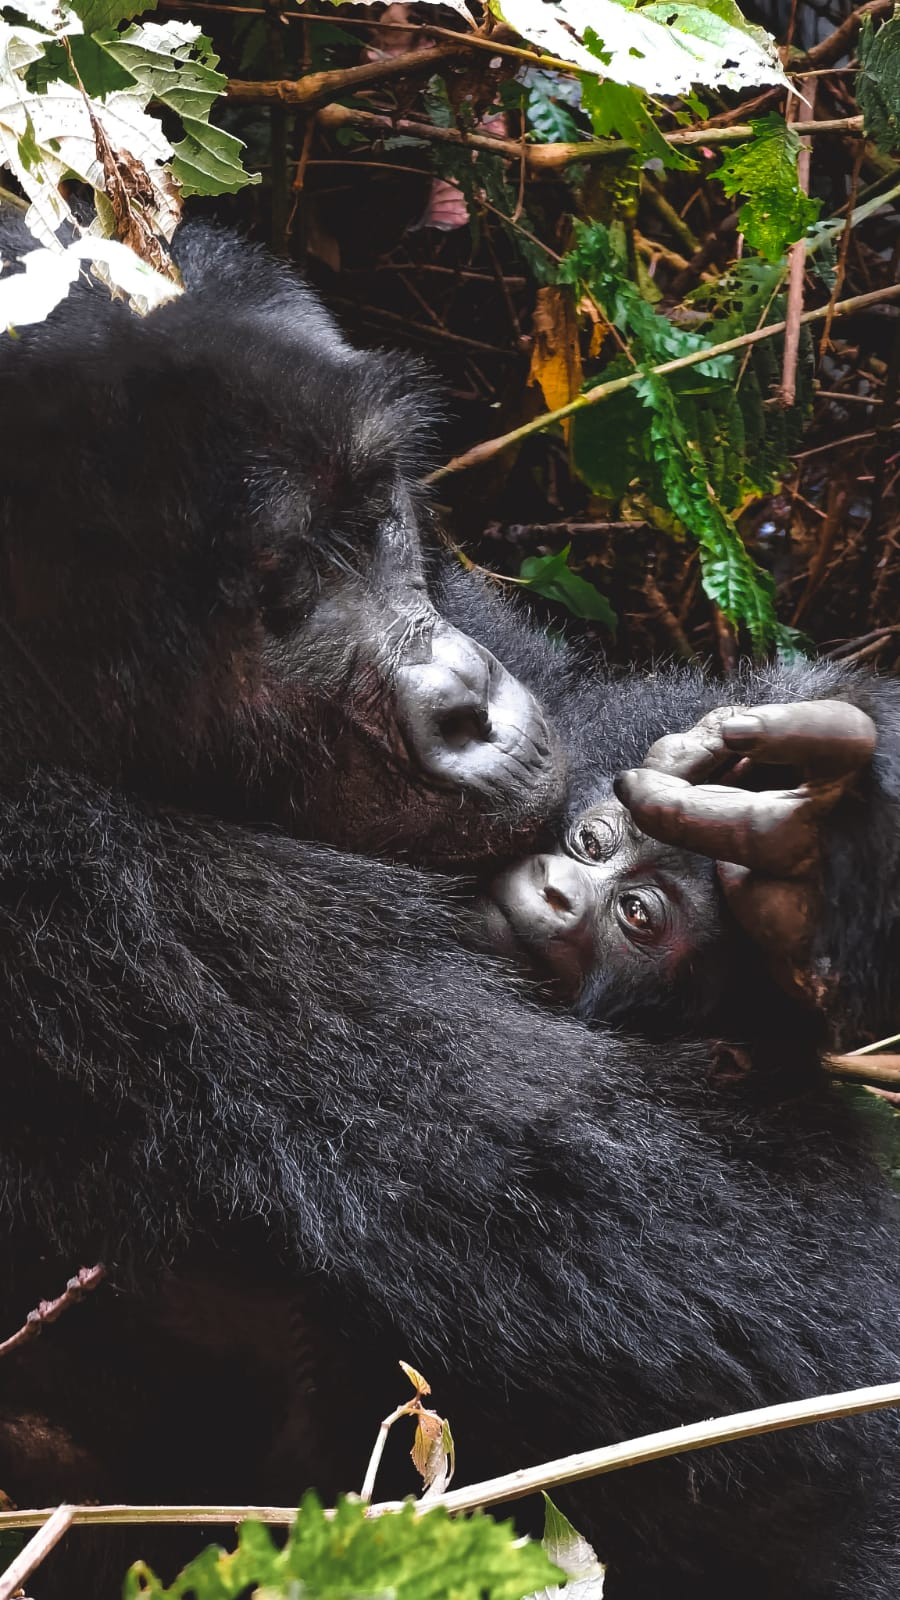 gorilla in Uganda-mamma